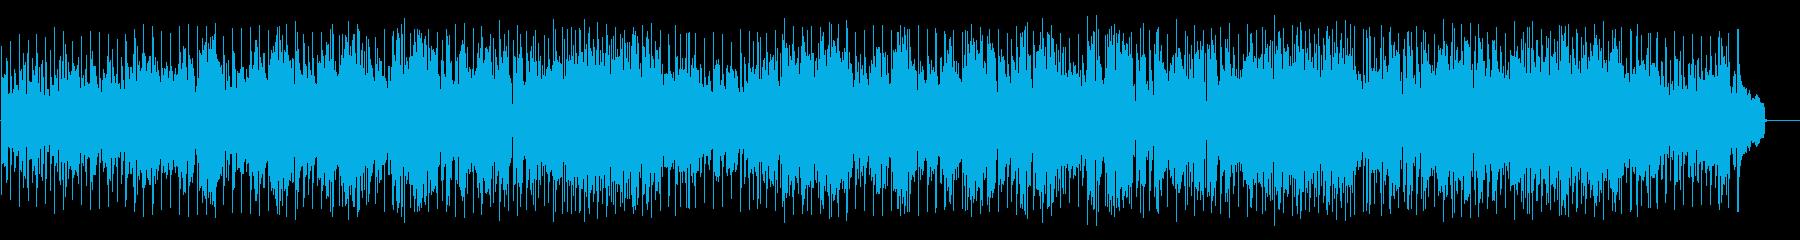 力強いファンク ポップ(フルサイズ)の再生済みの波形